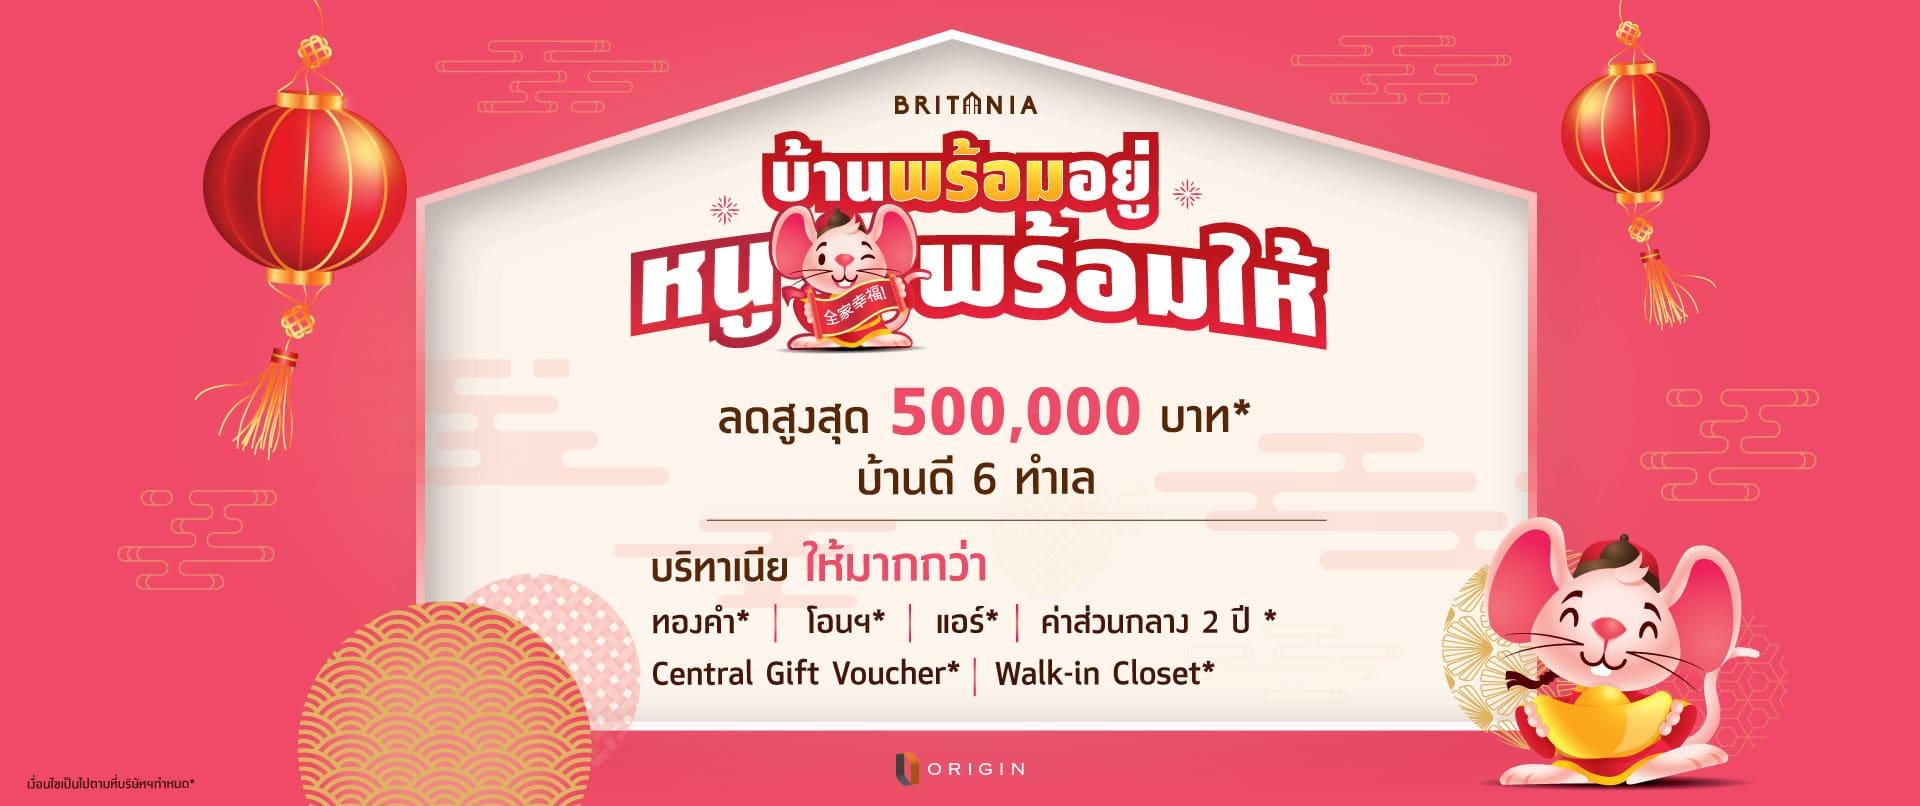 บ้านพร้อมอยู่ หนูพร้อมให้ ลดสูงสุด 500,000 บาท* บ้านดี 6 ทำเล